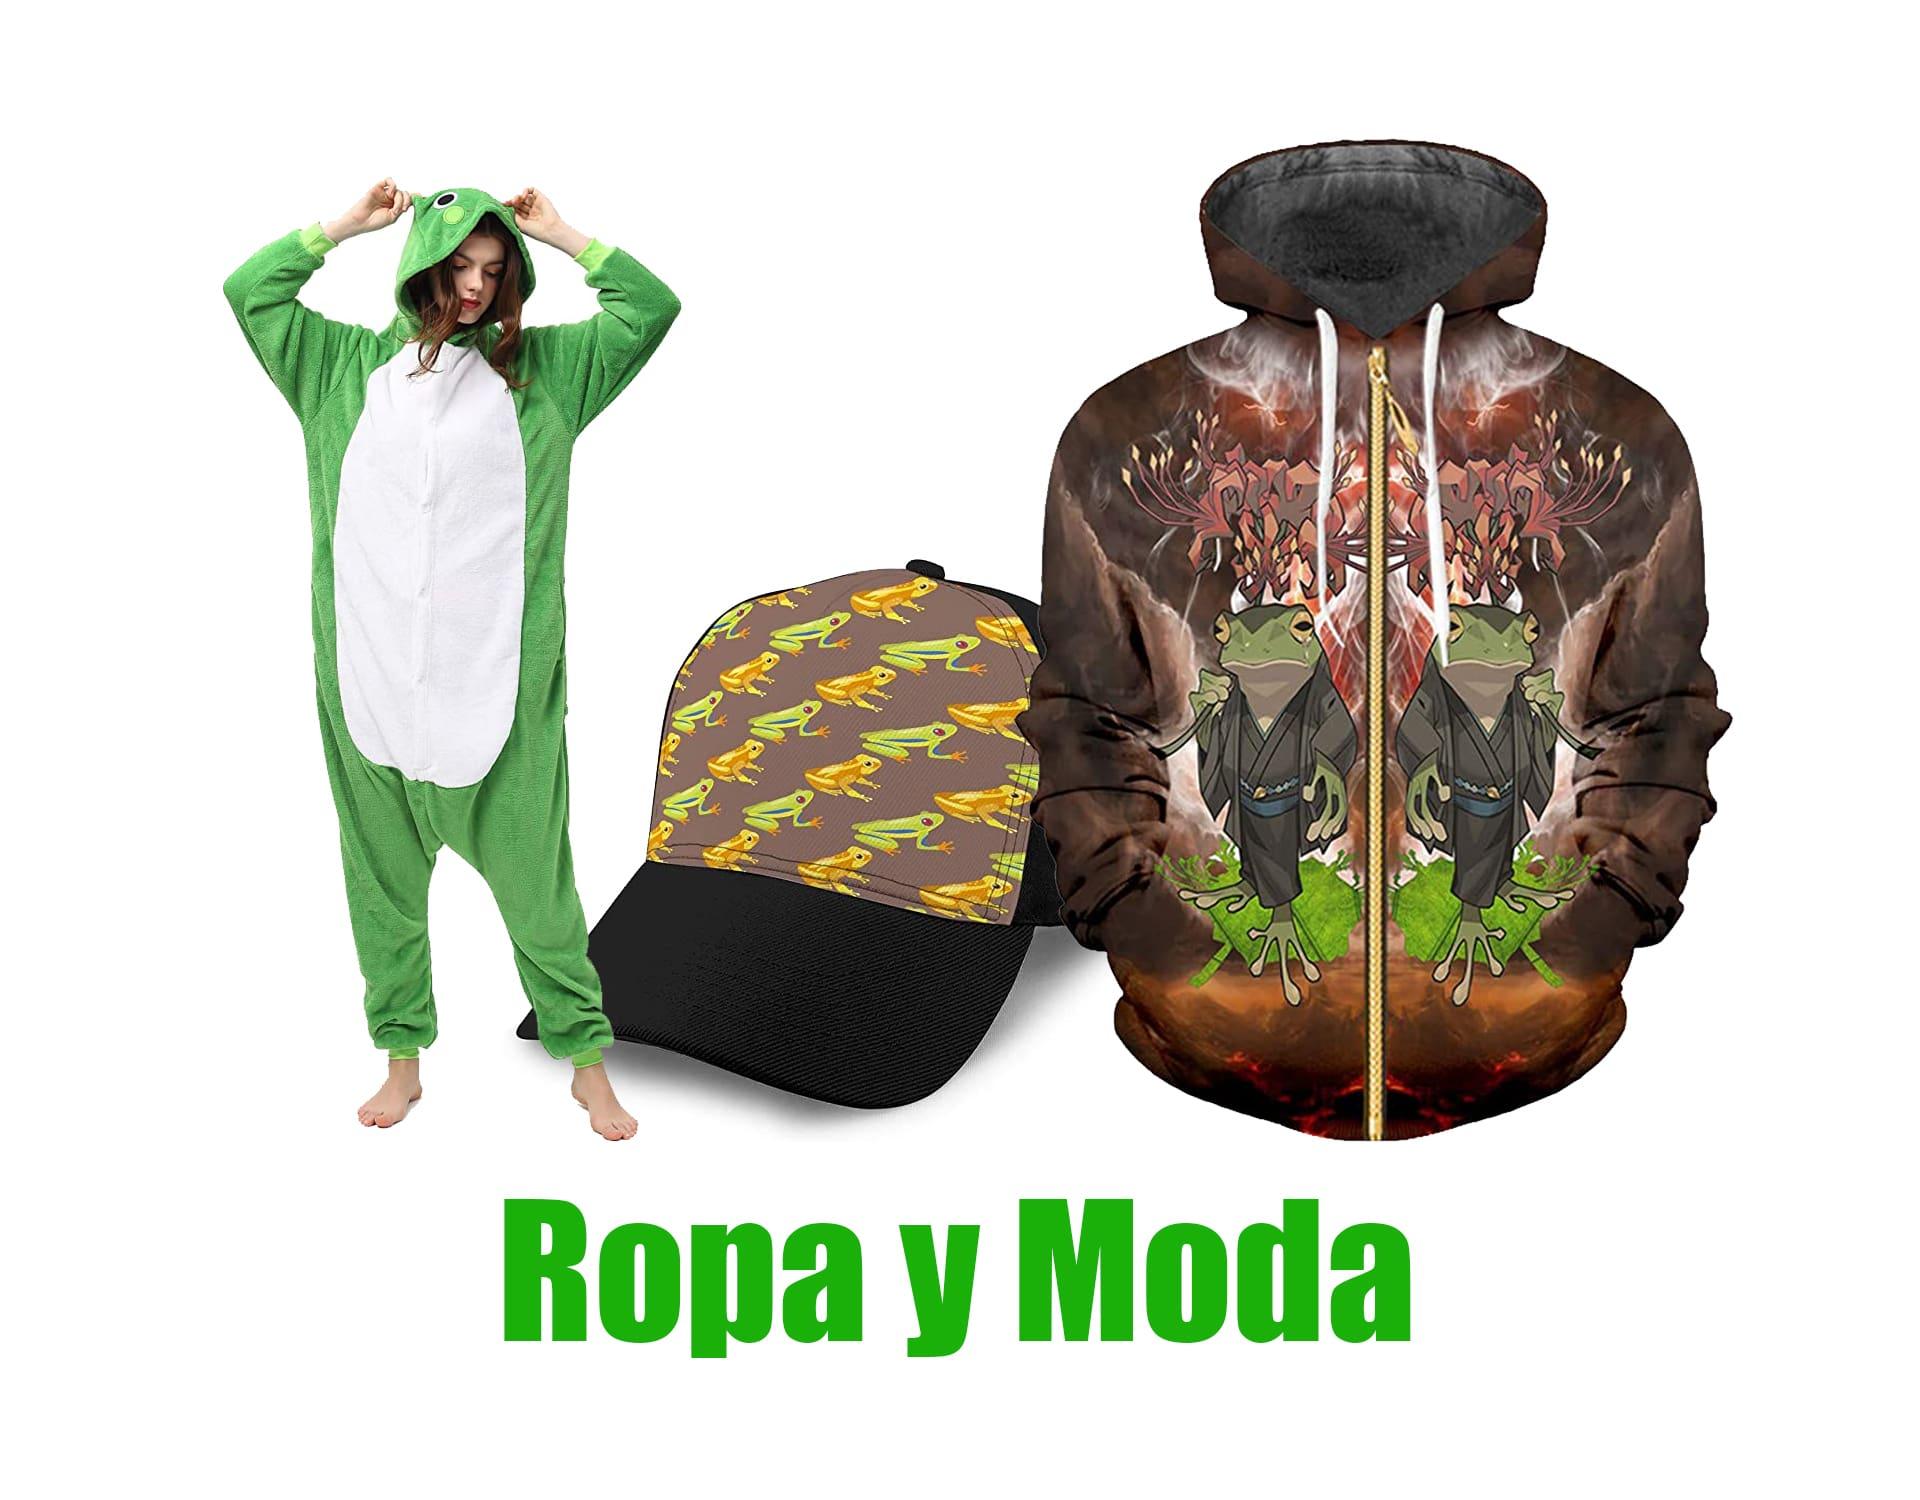 comprar ropa moda y accesorios originales de anfibios